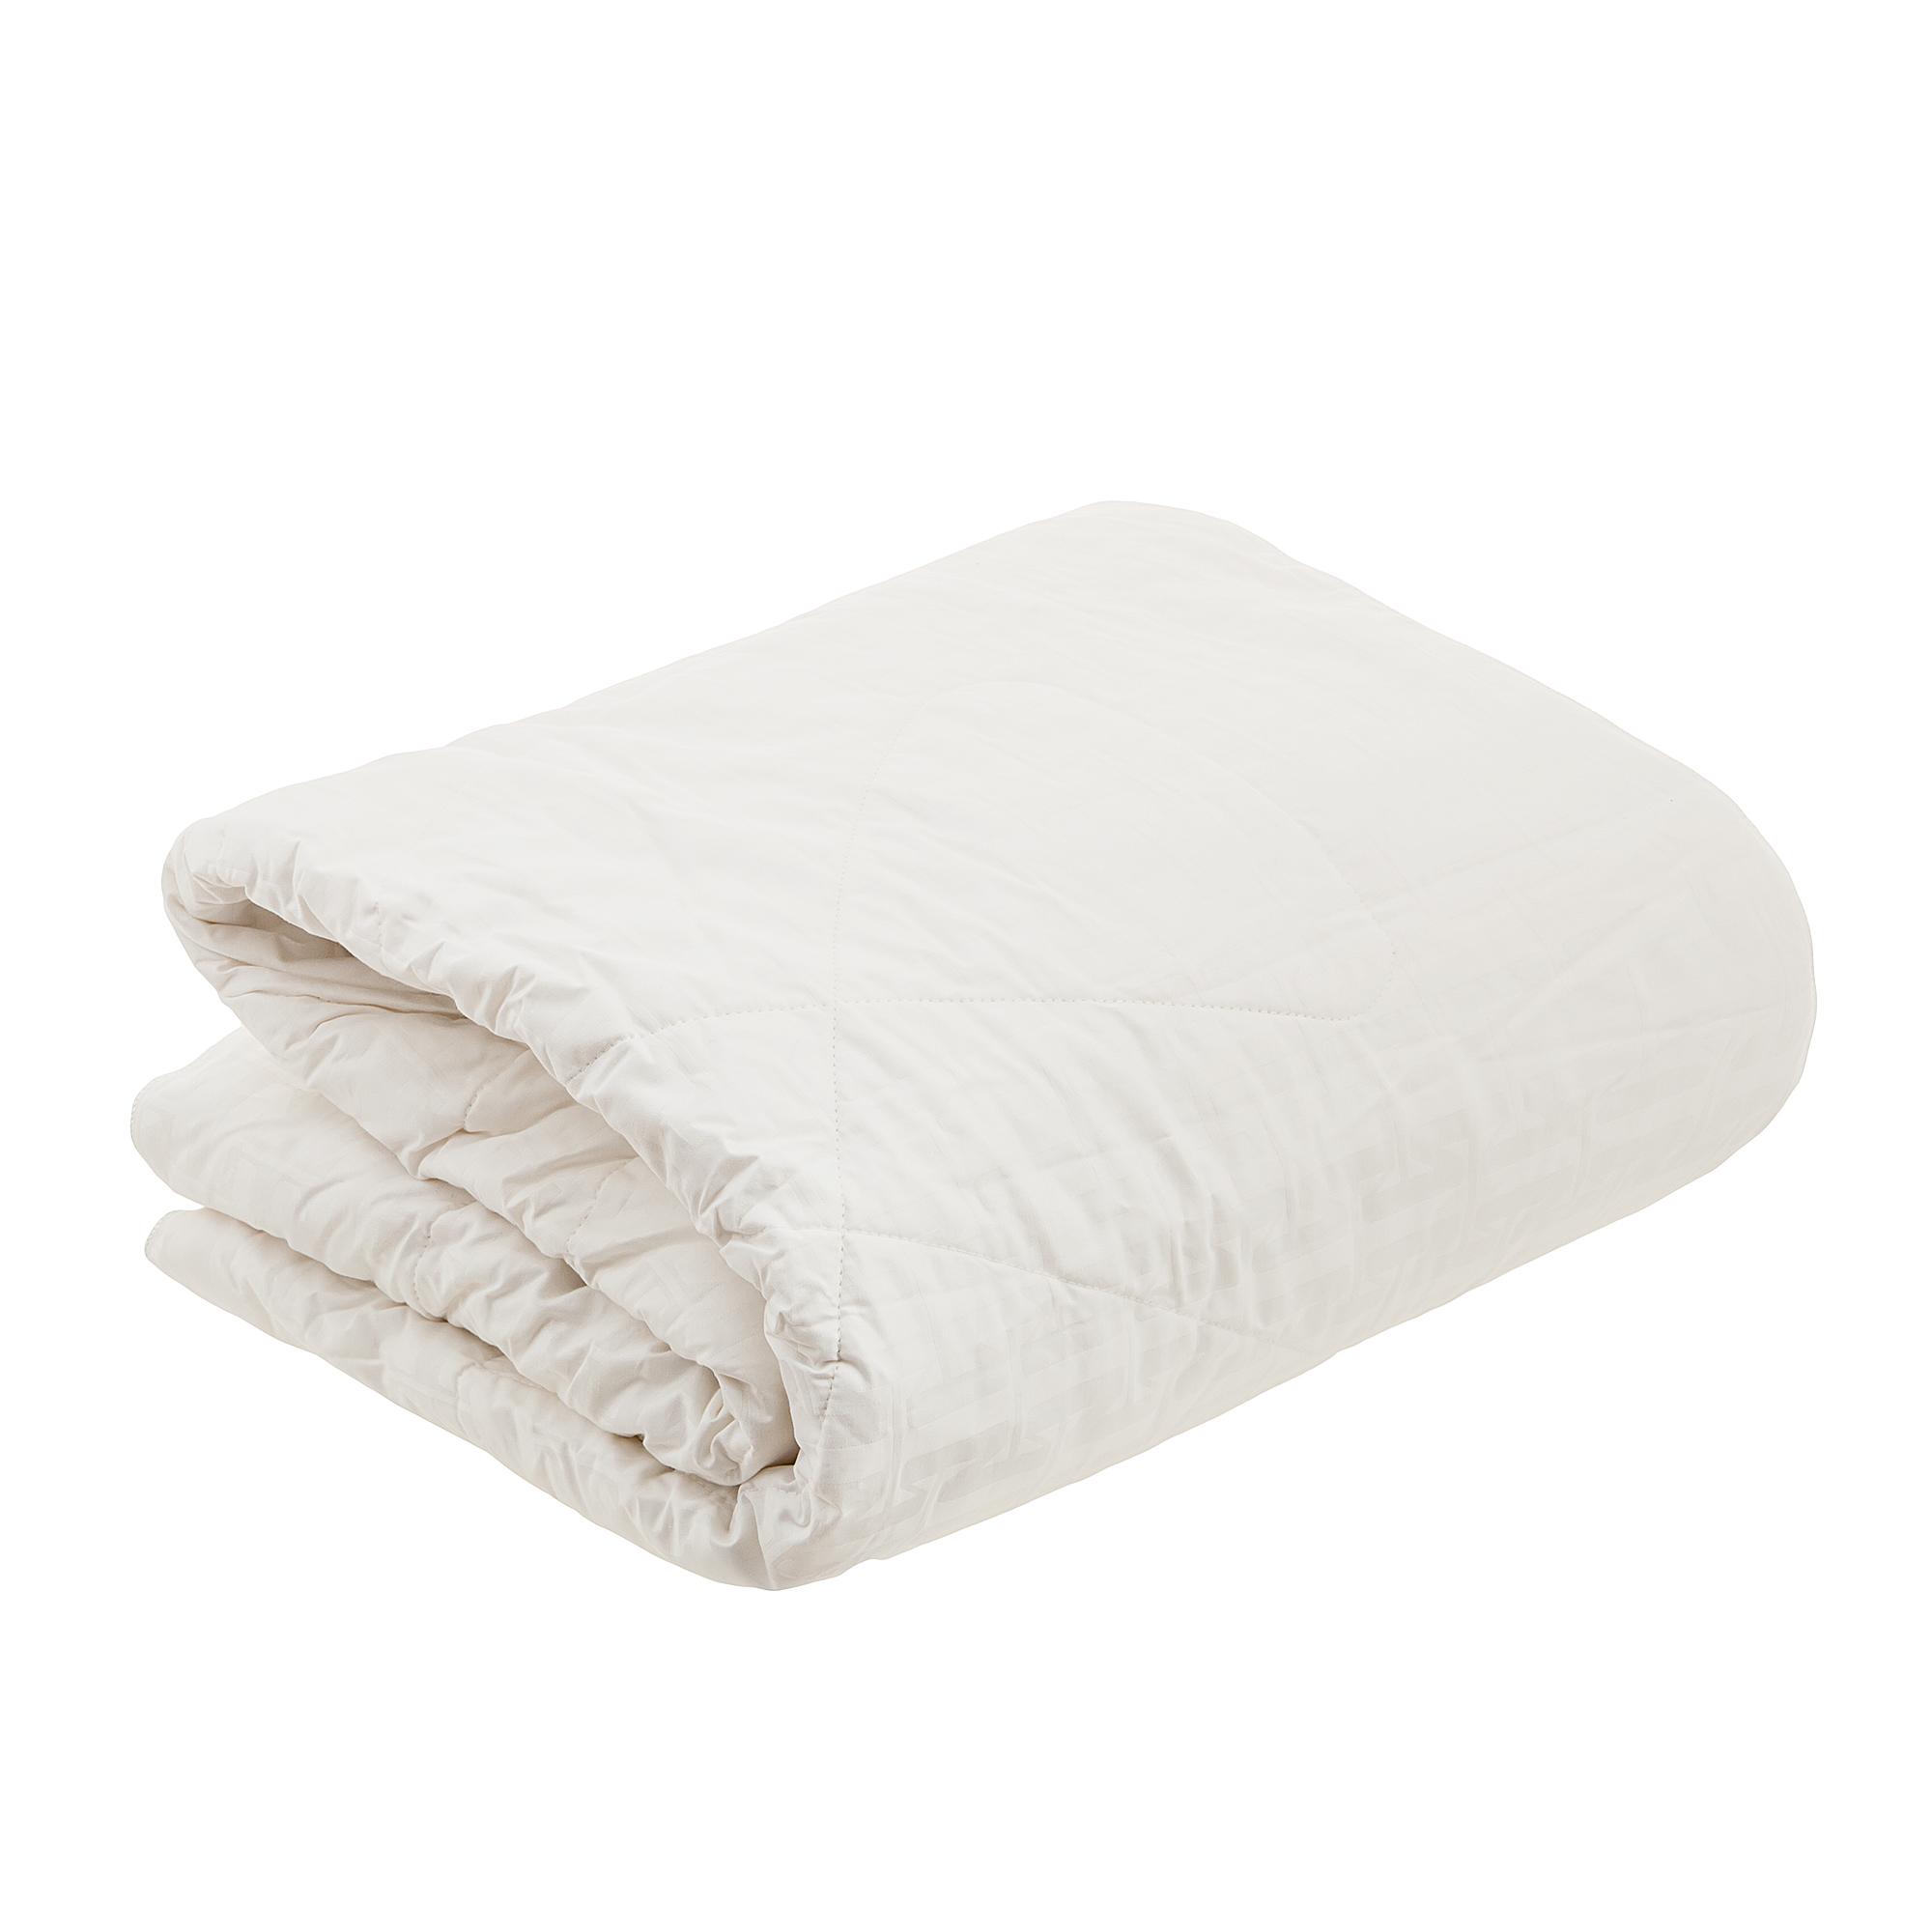 Одеяло Селена лайт Togas 140х200